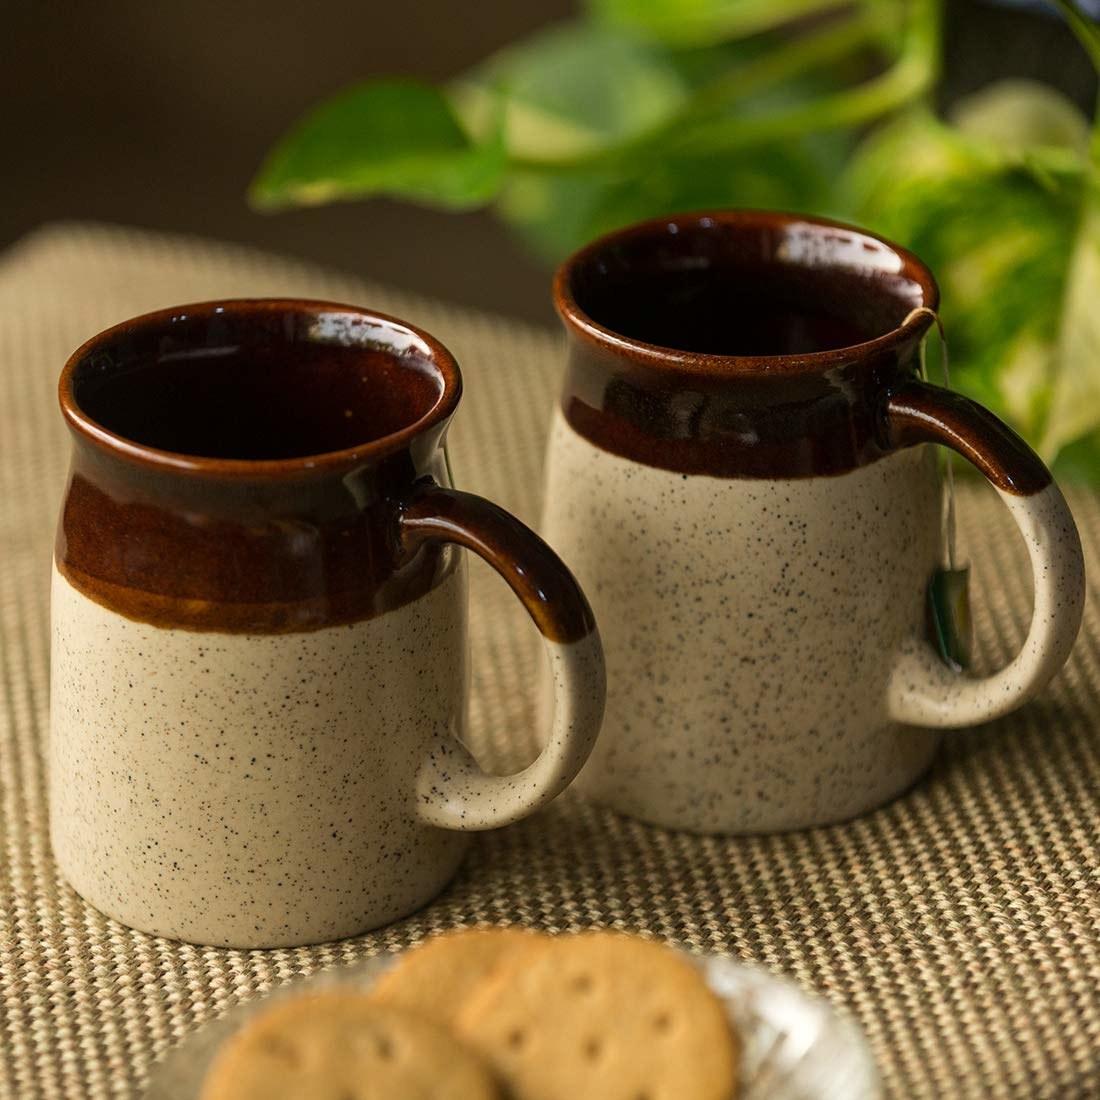 A set of ceramic mugs